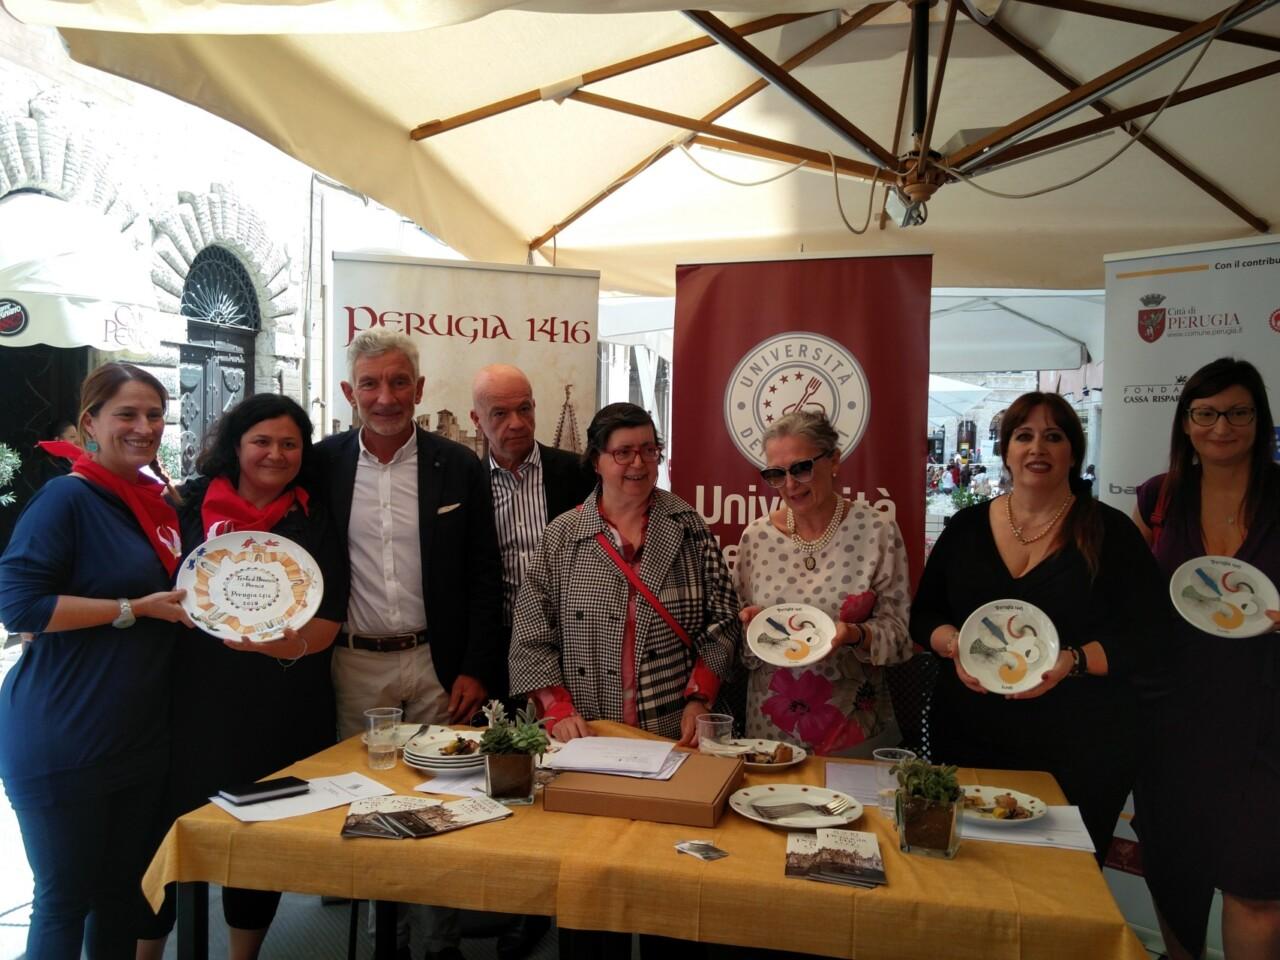 Perugia 1416, al via la gara gastronomica per la torta di Braccio